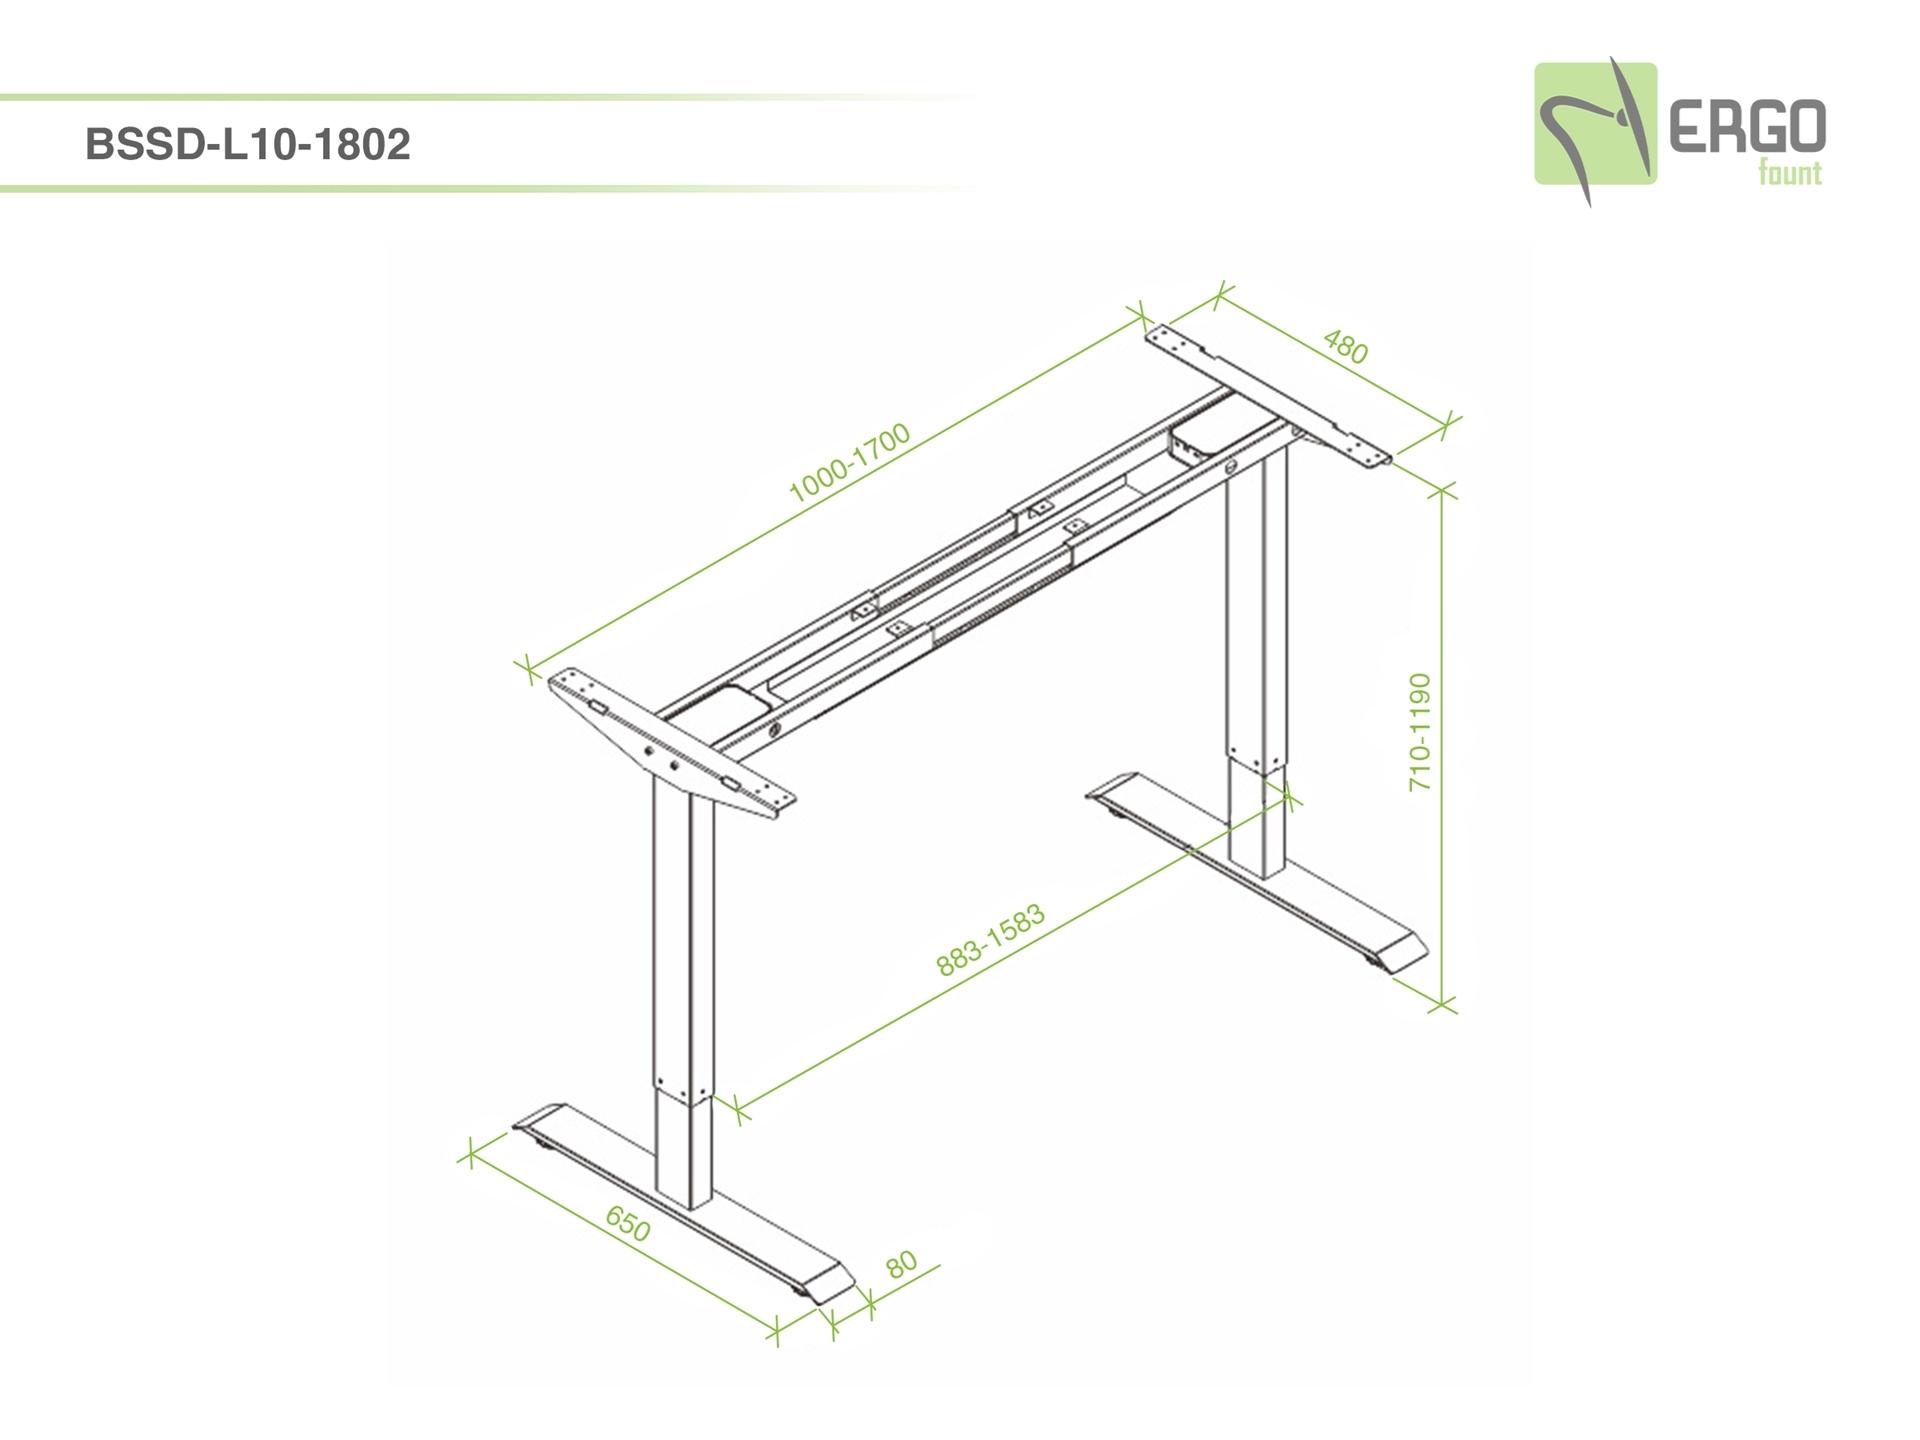 ErgoFount BSSD-L10-18/02 W - Основание стола для работы стоя и сидя с электроприводом на телескопических опорах 710–1190 мм, макс. нагрузка 100 кг, белое